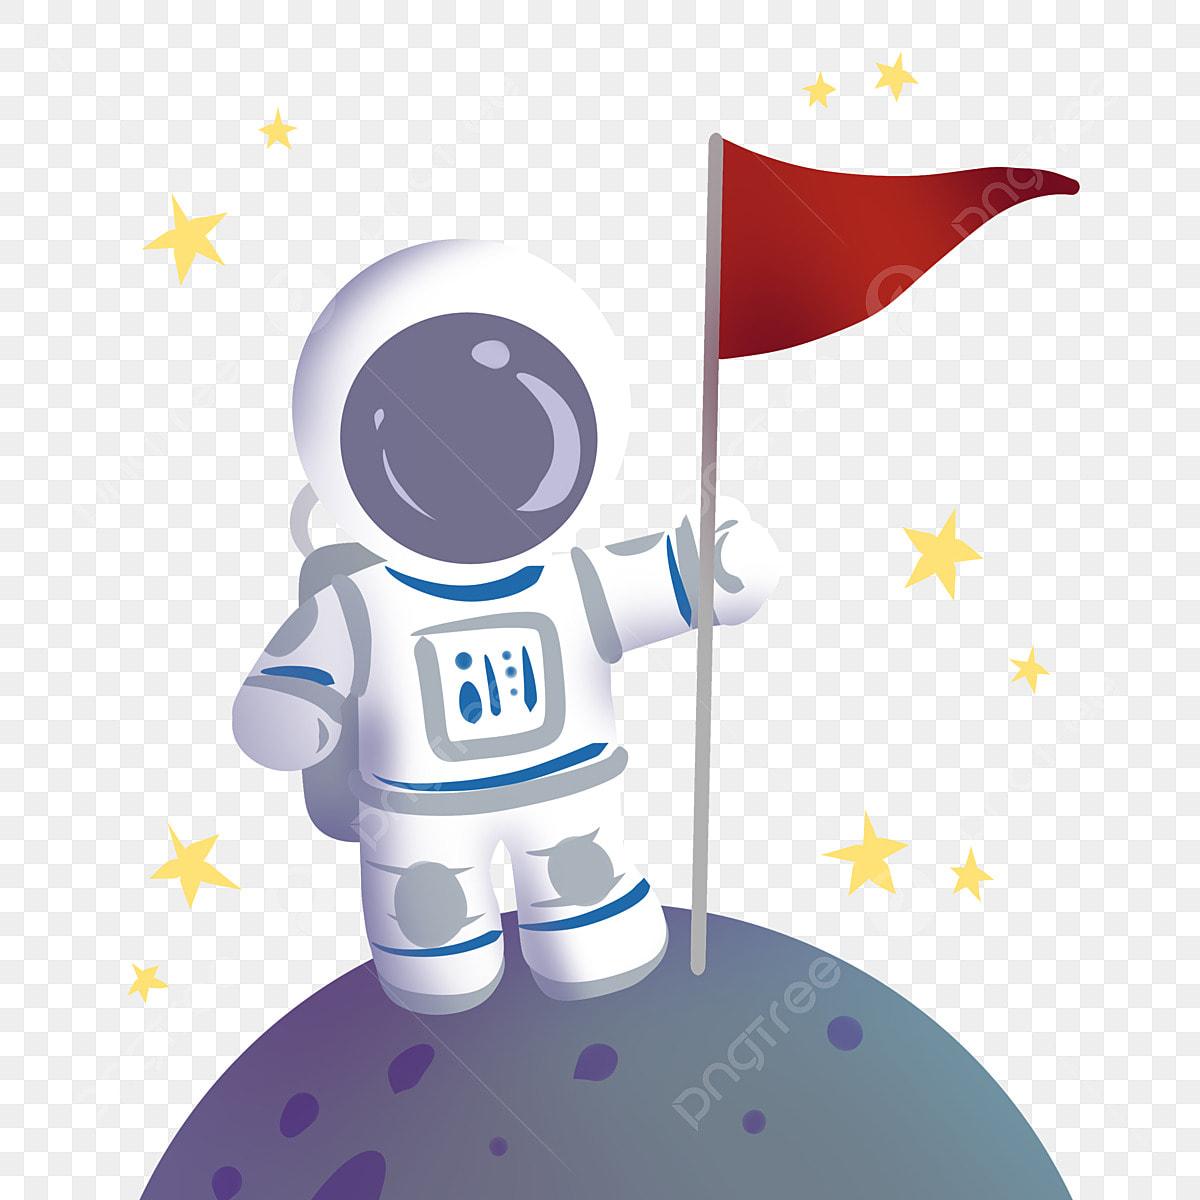 Gambar Bendera Merah Angkasawan Putih Bintang Lima Bintang Kuning Bendera Merah Angkasawan Putih Kuning Lima Bintang Menunjukkan Png Dan Psd Untuk Muat Turun Percuma